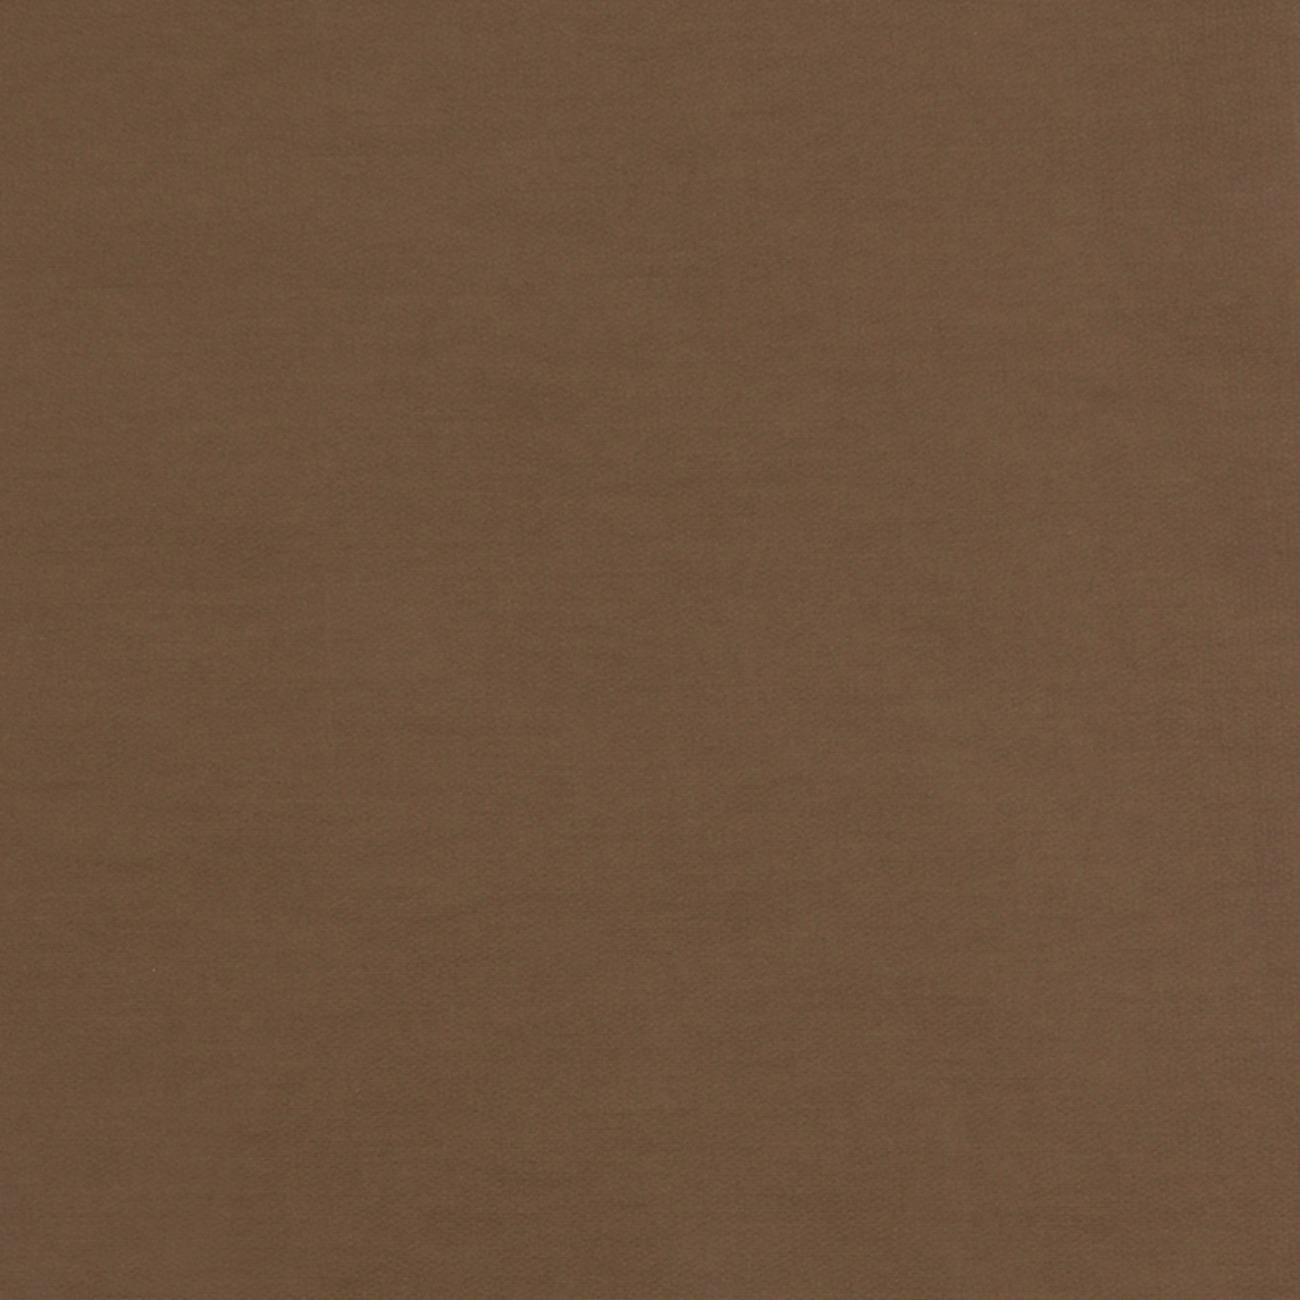 期货 素色平纹外套风衣柔软棉感 春秋 61219-69